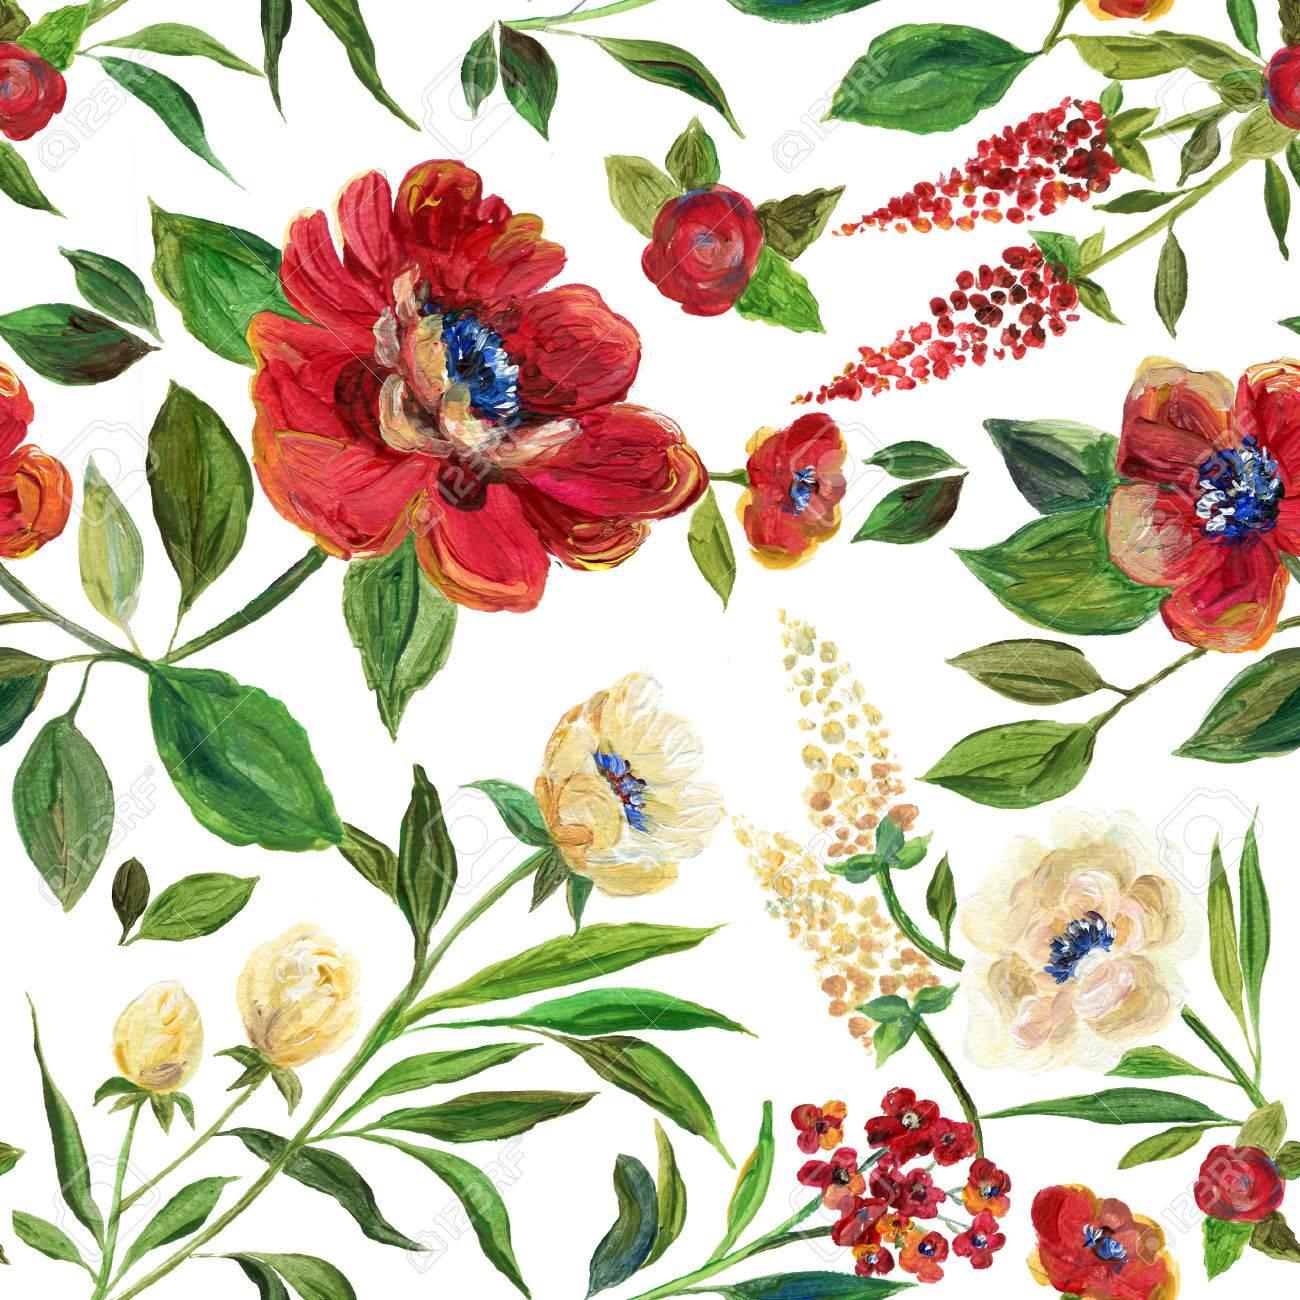 イラストの織物、壁紙、結婚式、誕生日および別の休日。かわいい夏と春の背景します。アクリル クラレット花と花柄